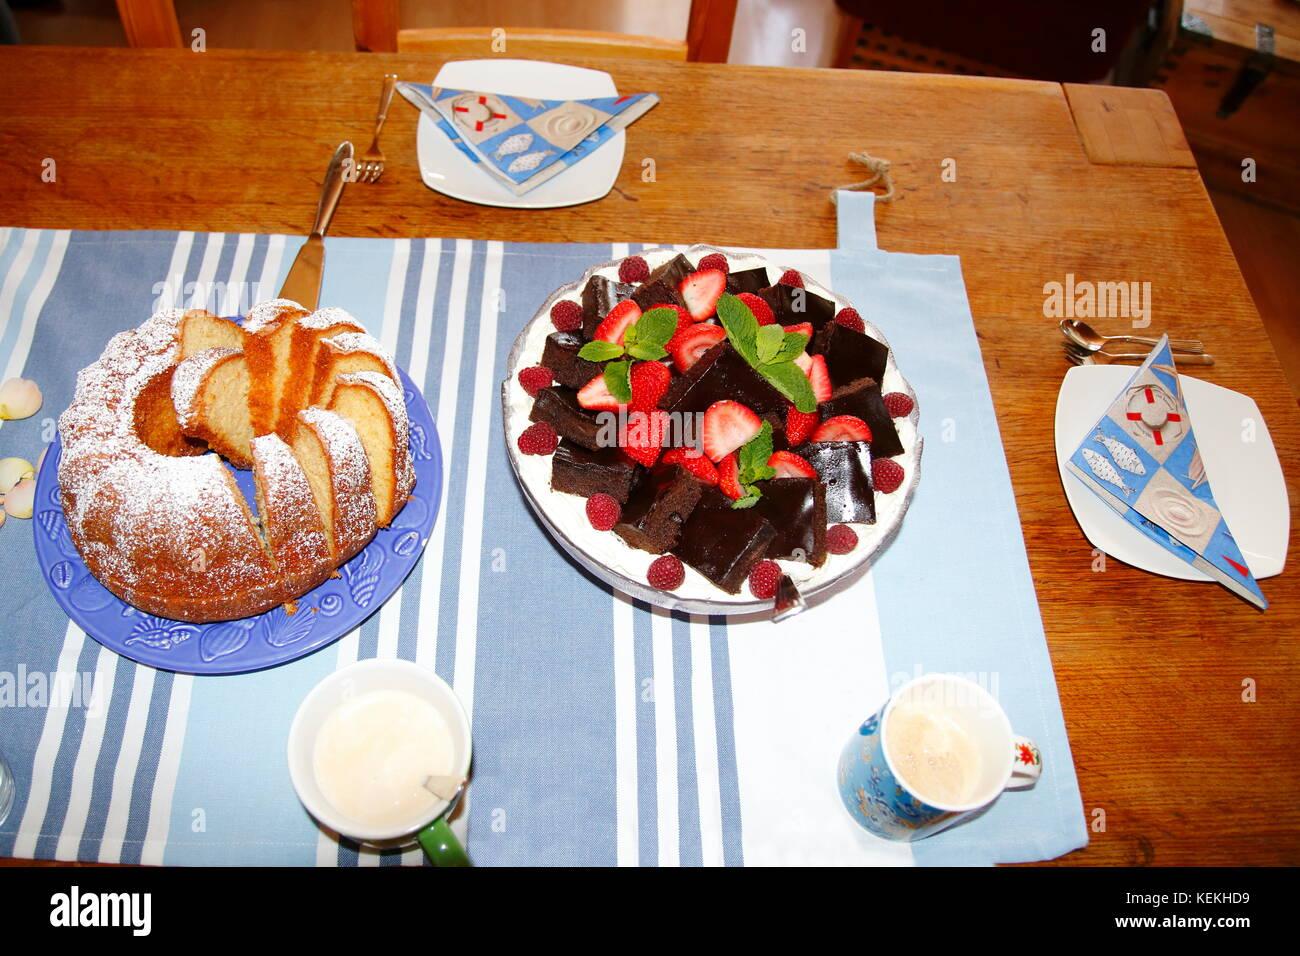 Kuchen und Dessert mit Brownies auf gedecktem Tisch - Stock Image